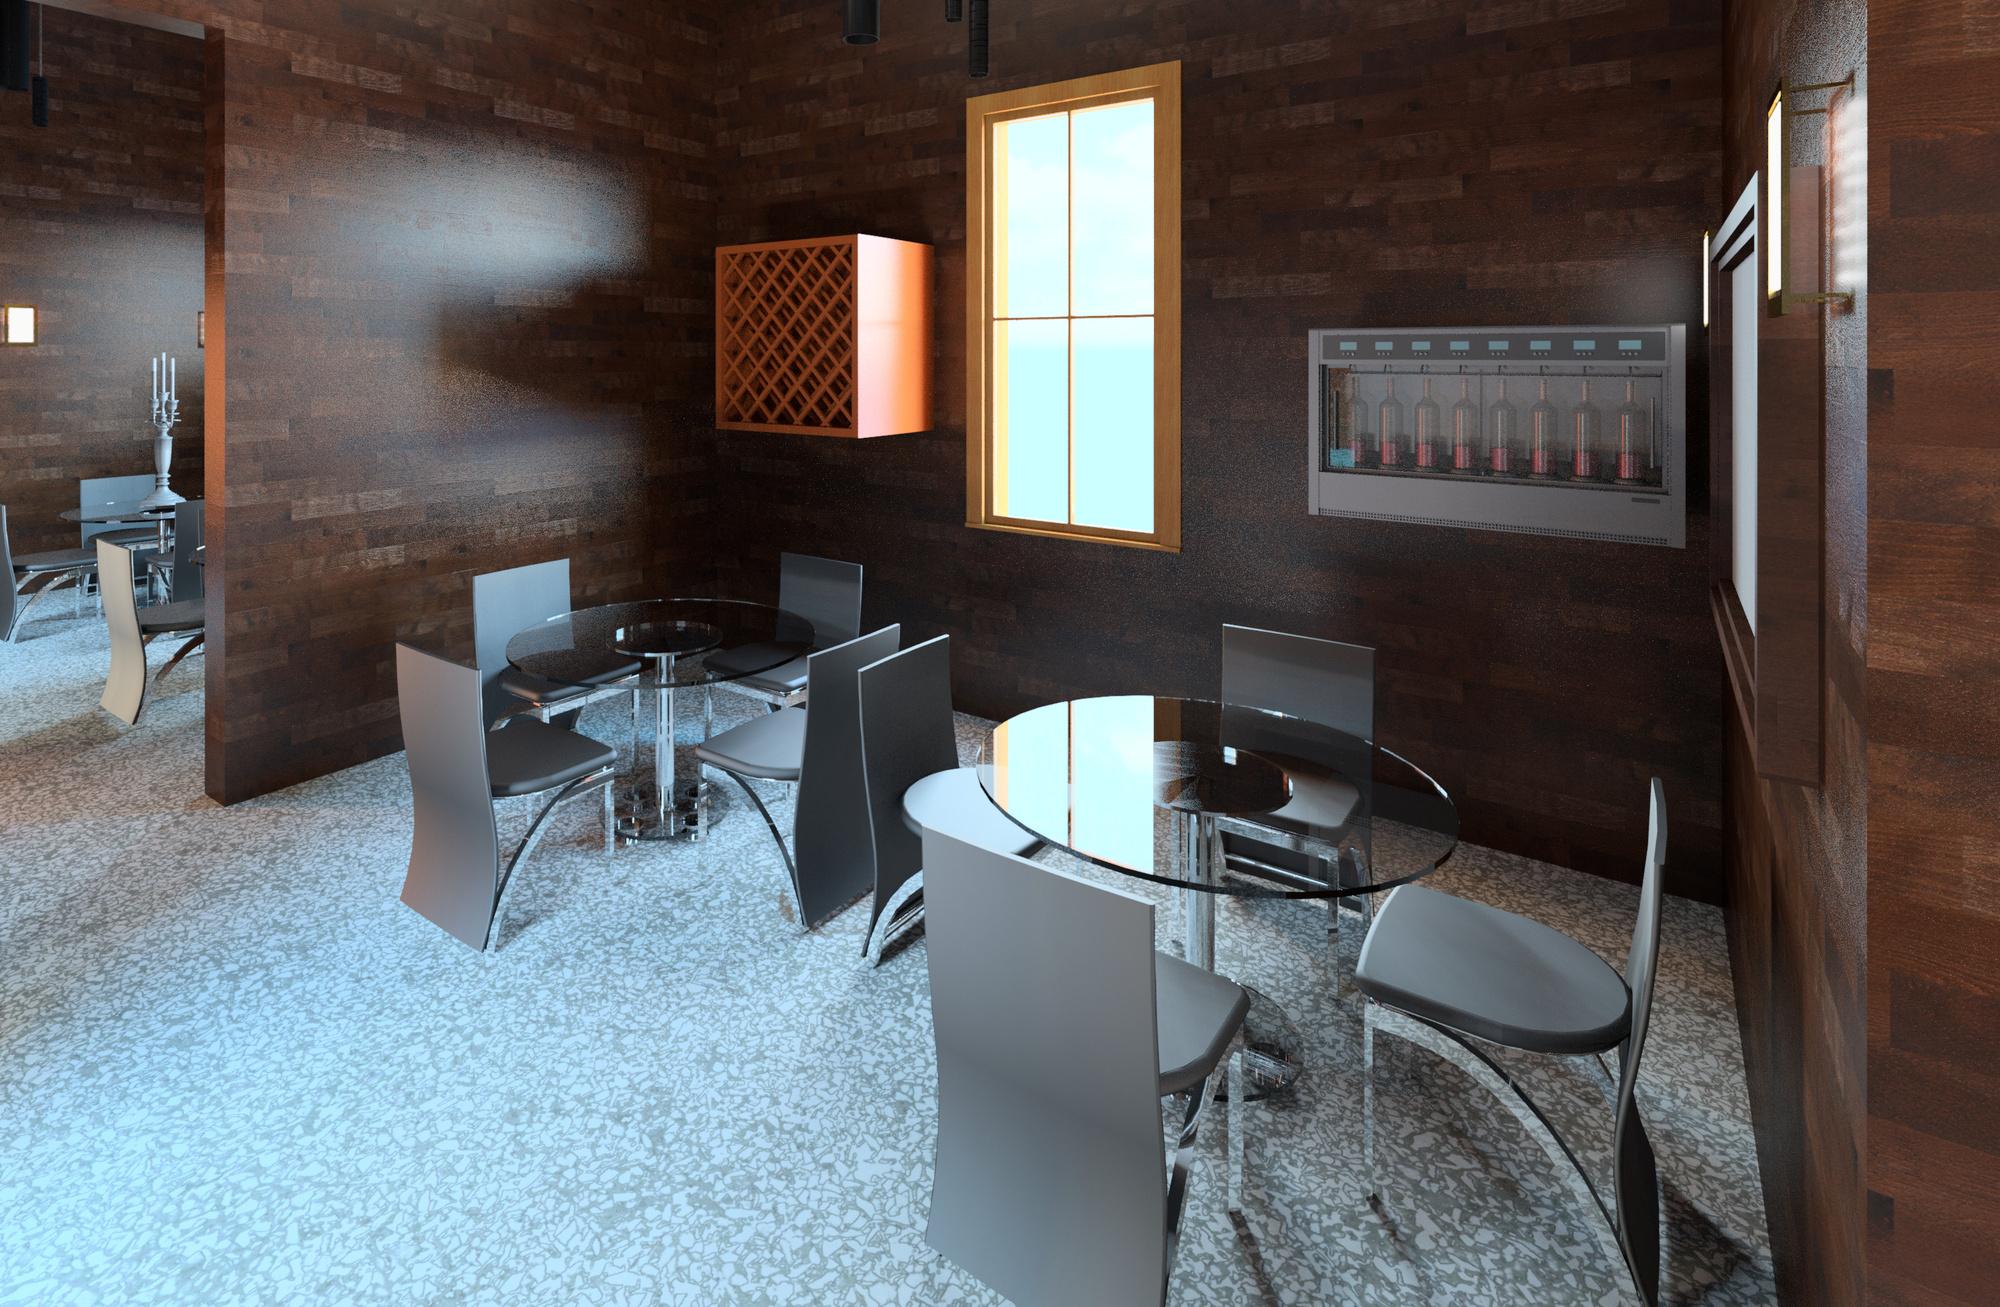 Raas-rendering20150209-29743-1lnxbes